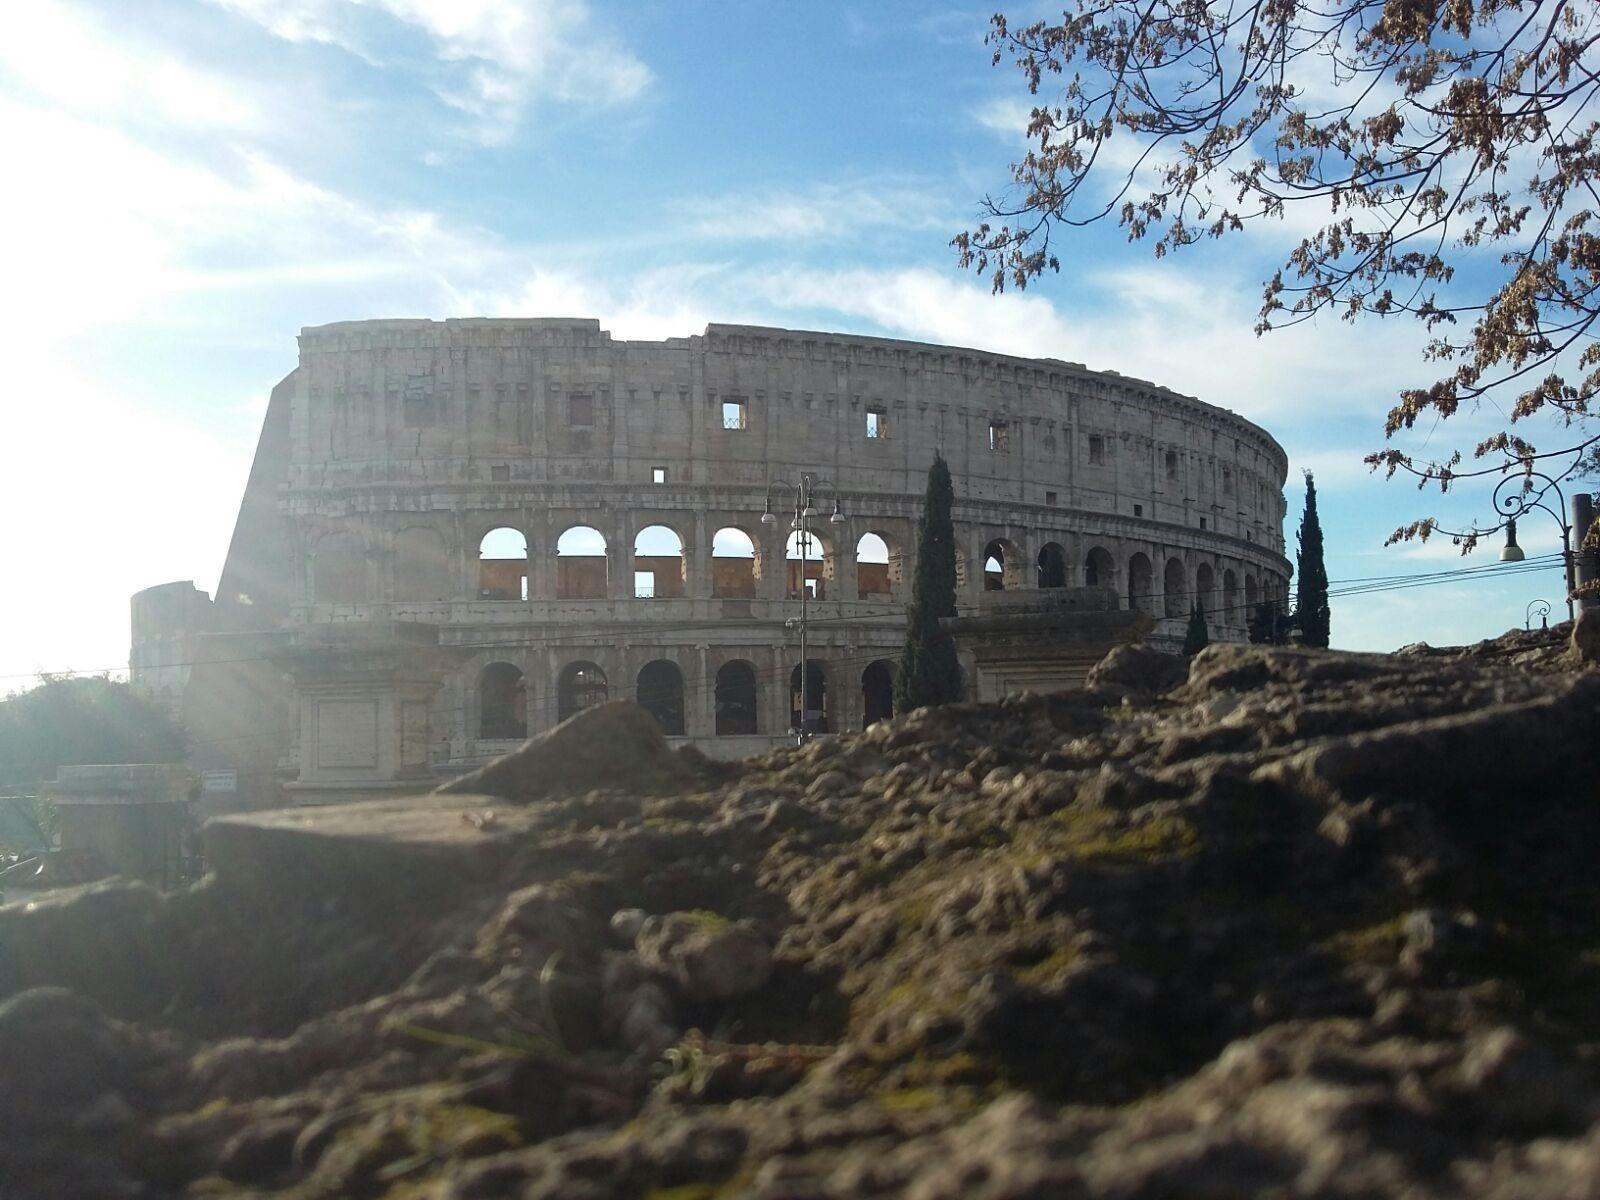 colosseum-rome-italy-f216e8bf9ea0128fdbb